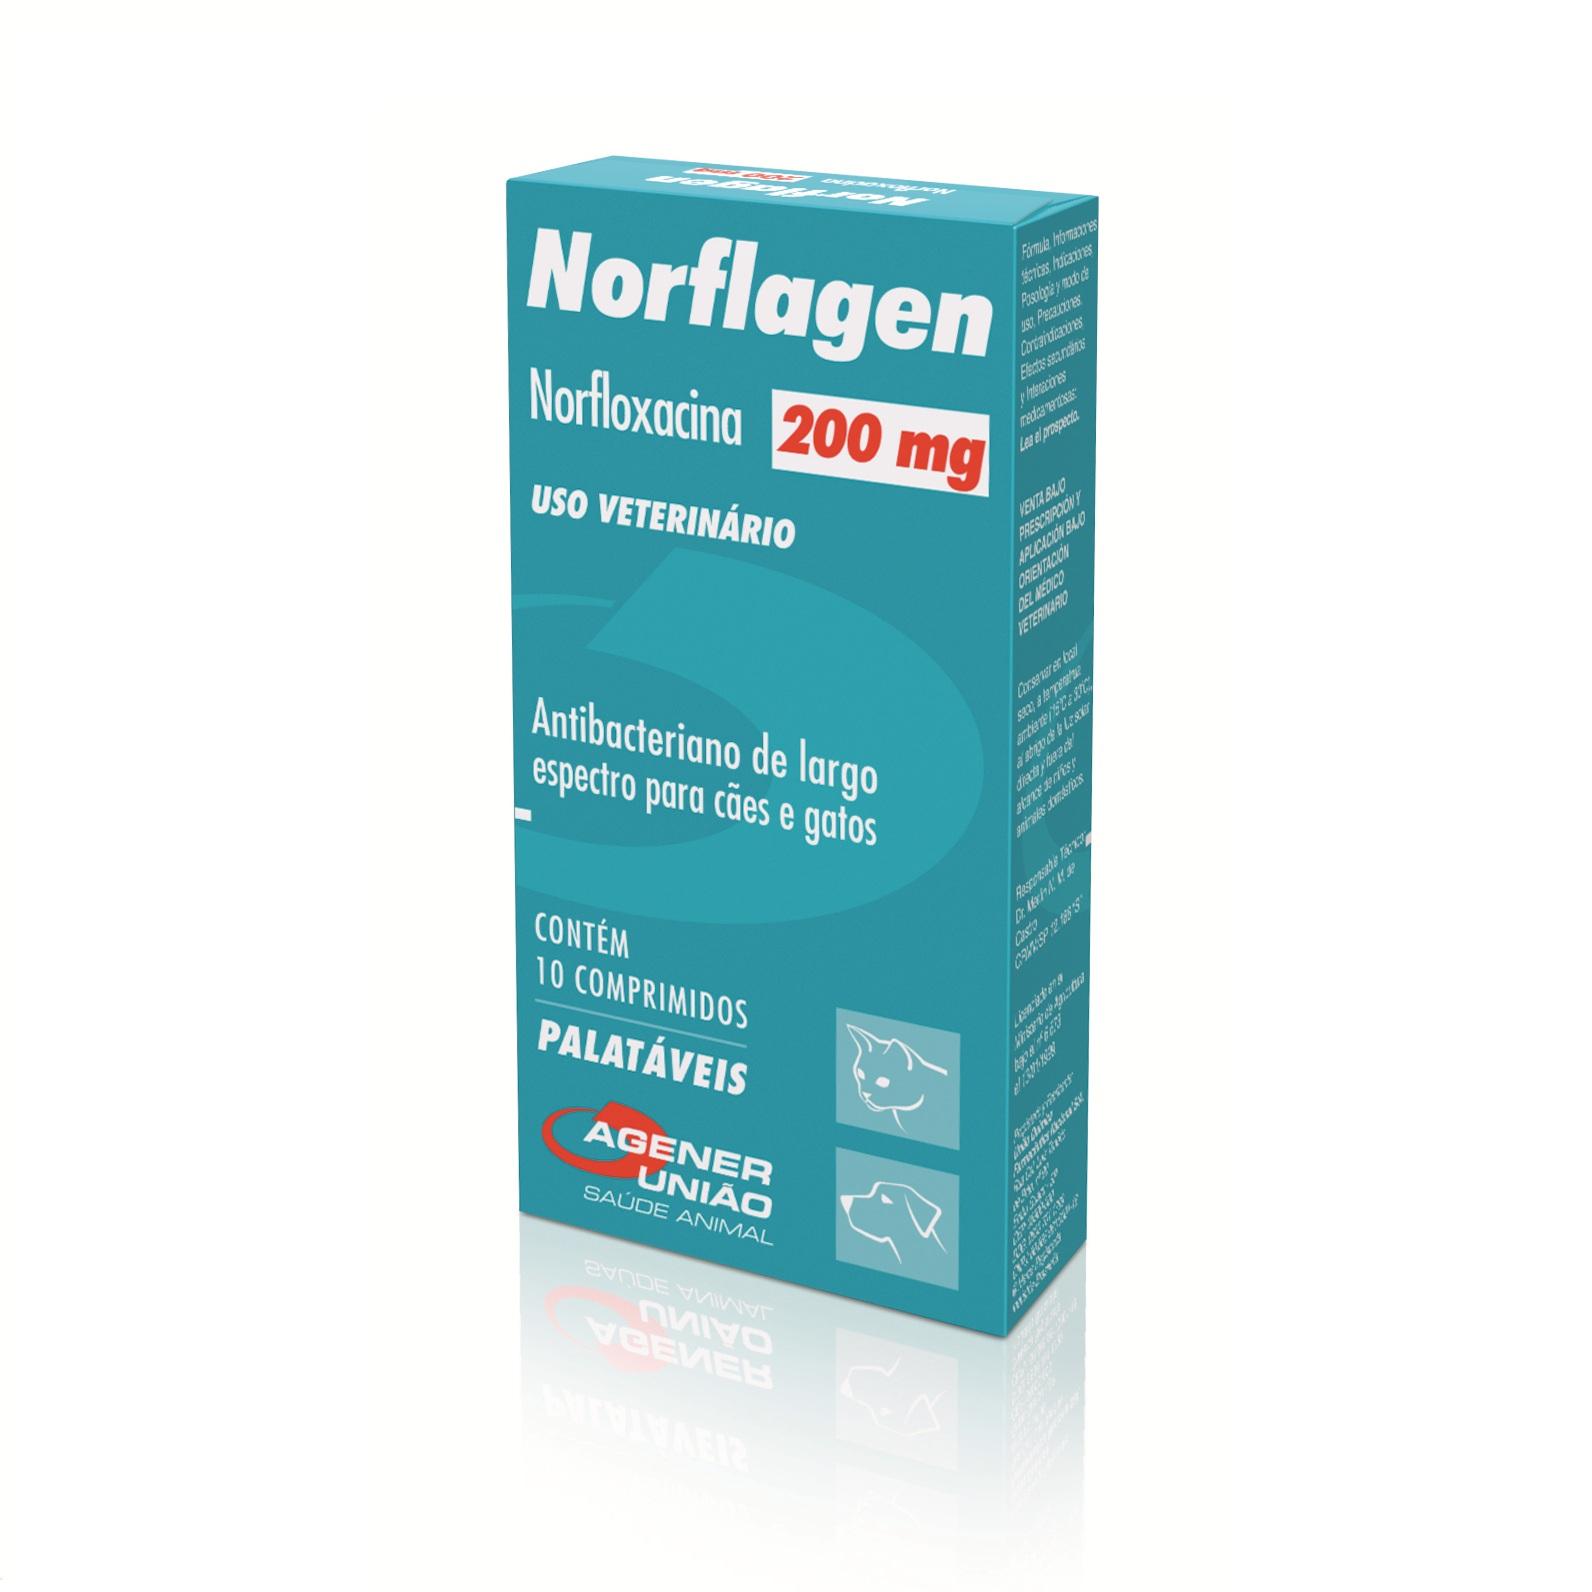 Norflagen 200mg (Norfloxacina) - Antibiótico de largo espectro para Cães e Gatos - Agener (10 comprimidos palatáveis)